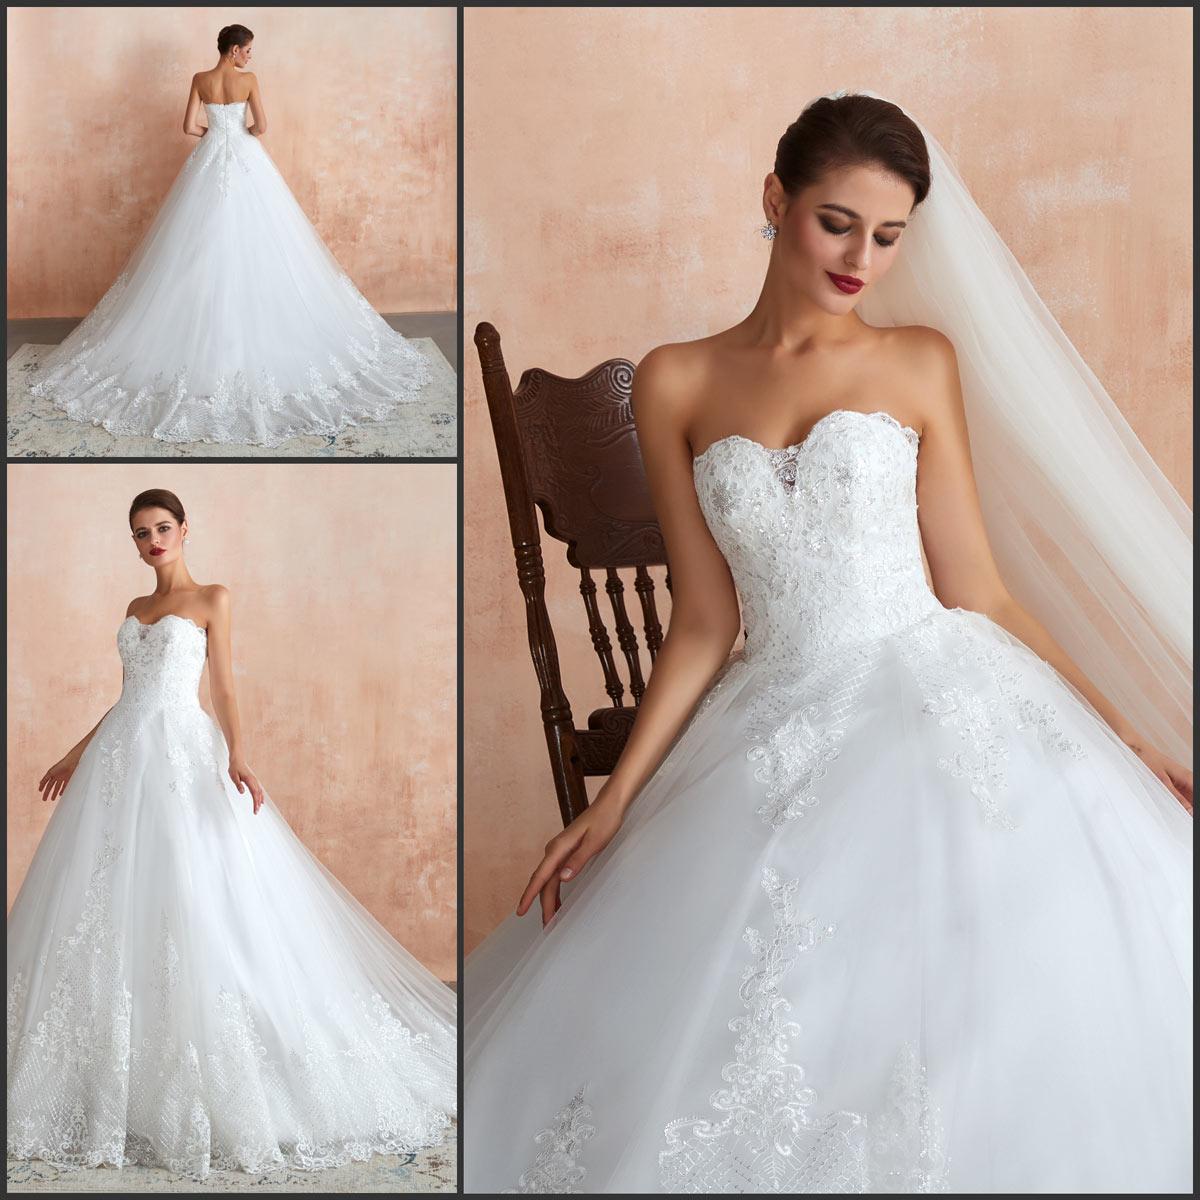 robe mariée princesse 2020 vintage bustier coeur en dentelle guipure pailleté